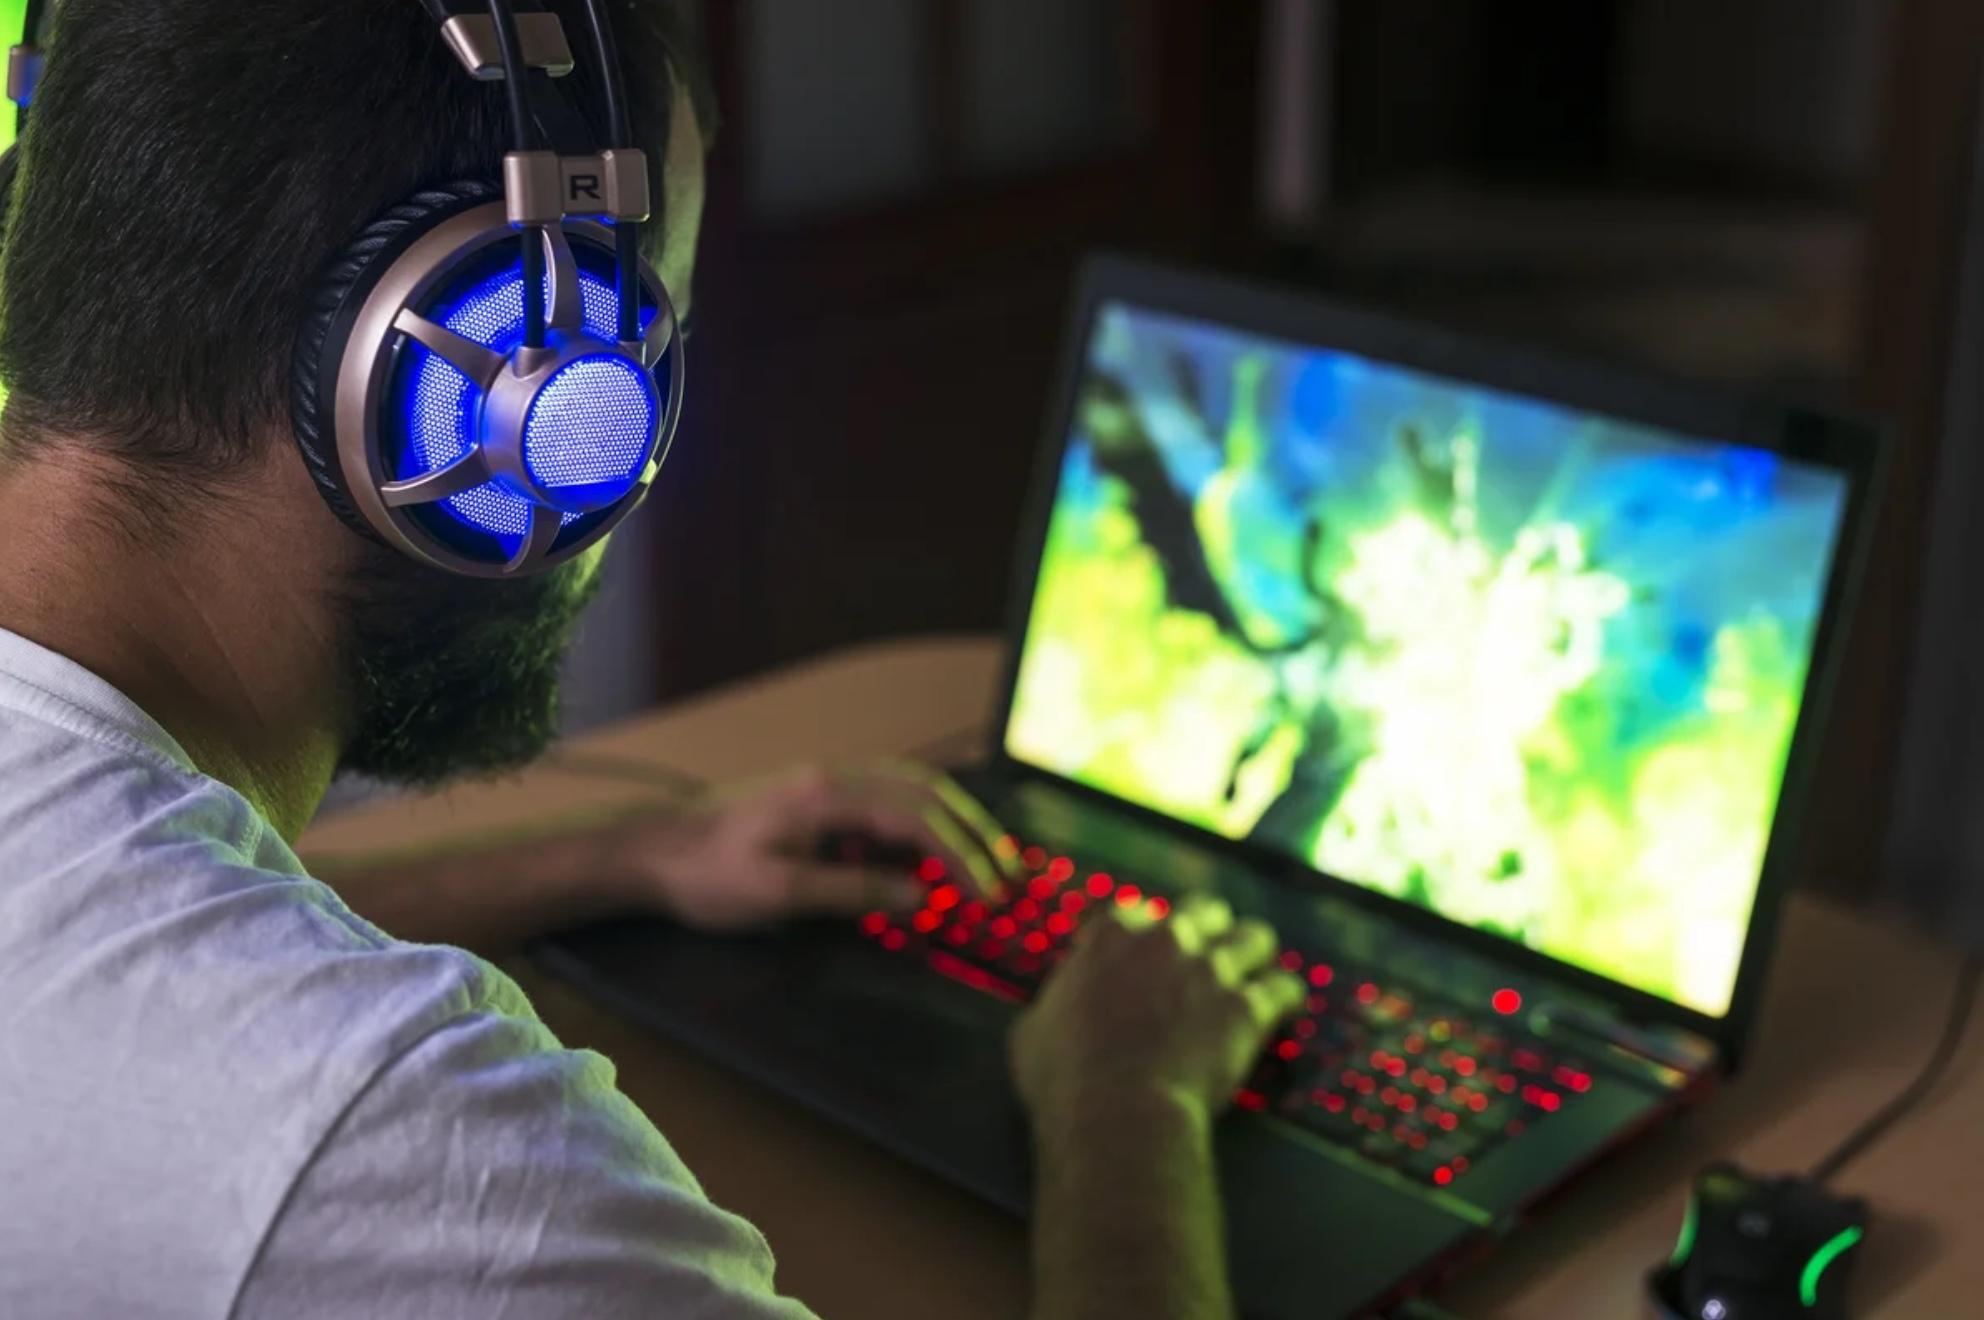 """Все люди с инвалидностью смогут играть в видеоигры - проект """"Гейминг для всех"""""""